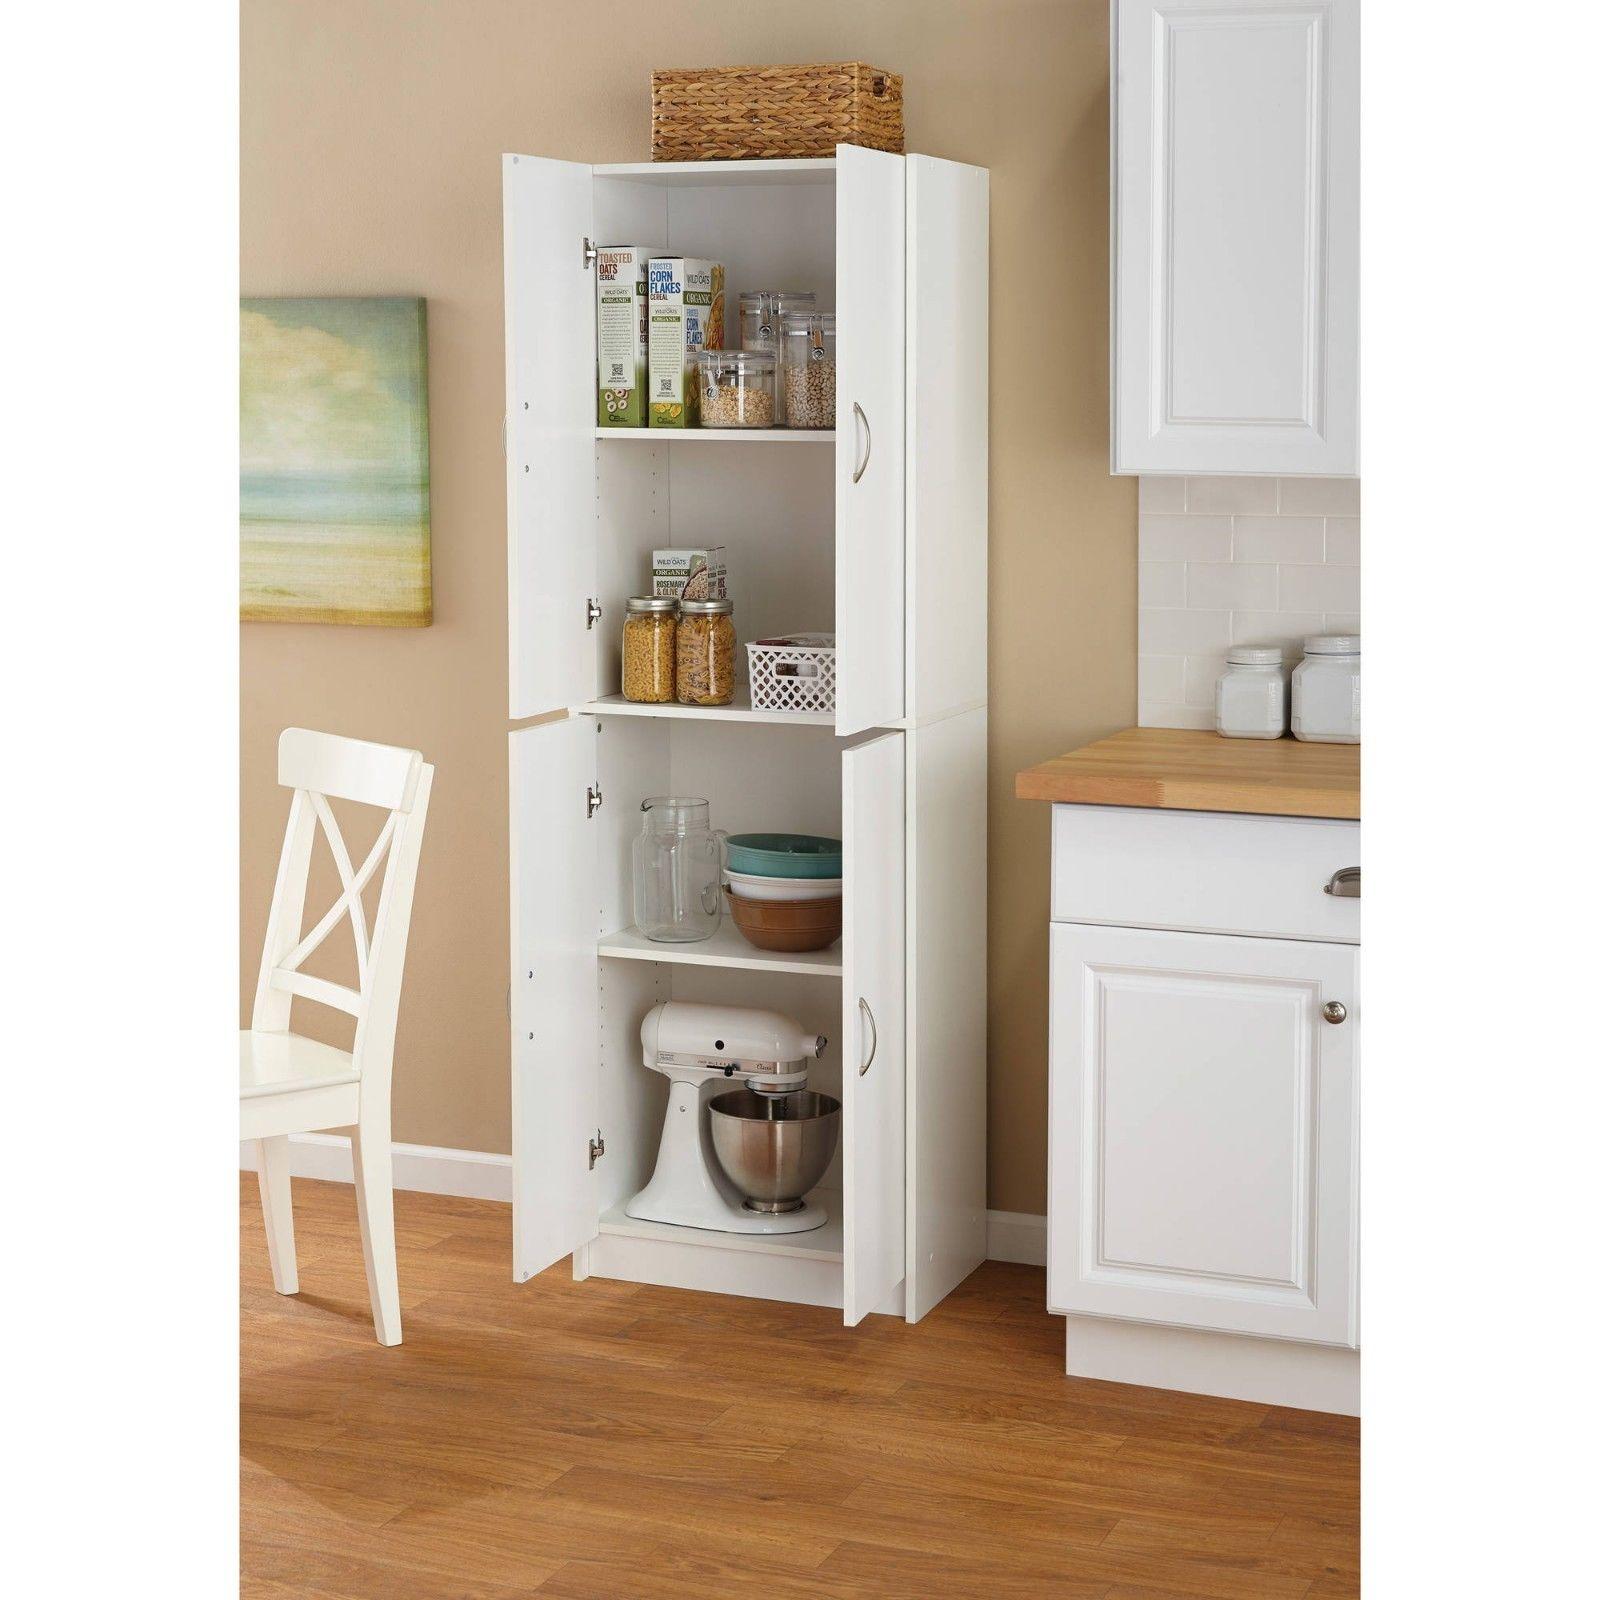 Food Pantry Storage White Kitchen Cabinet 4 Door Cupboard Organizer 4 Shelves 1